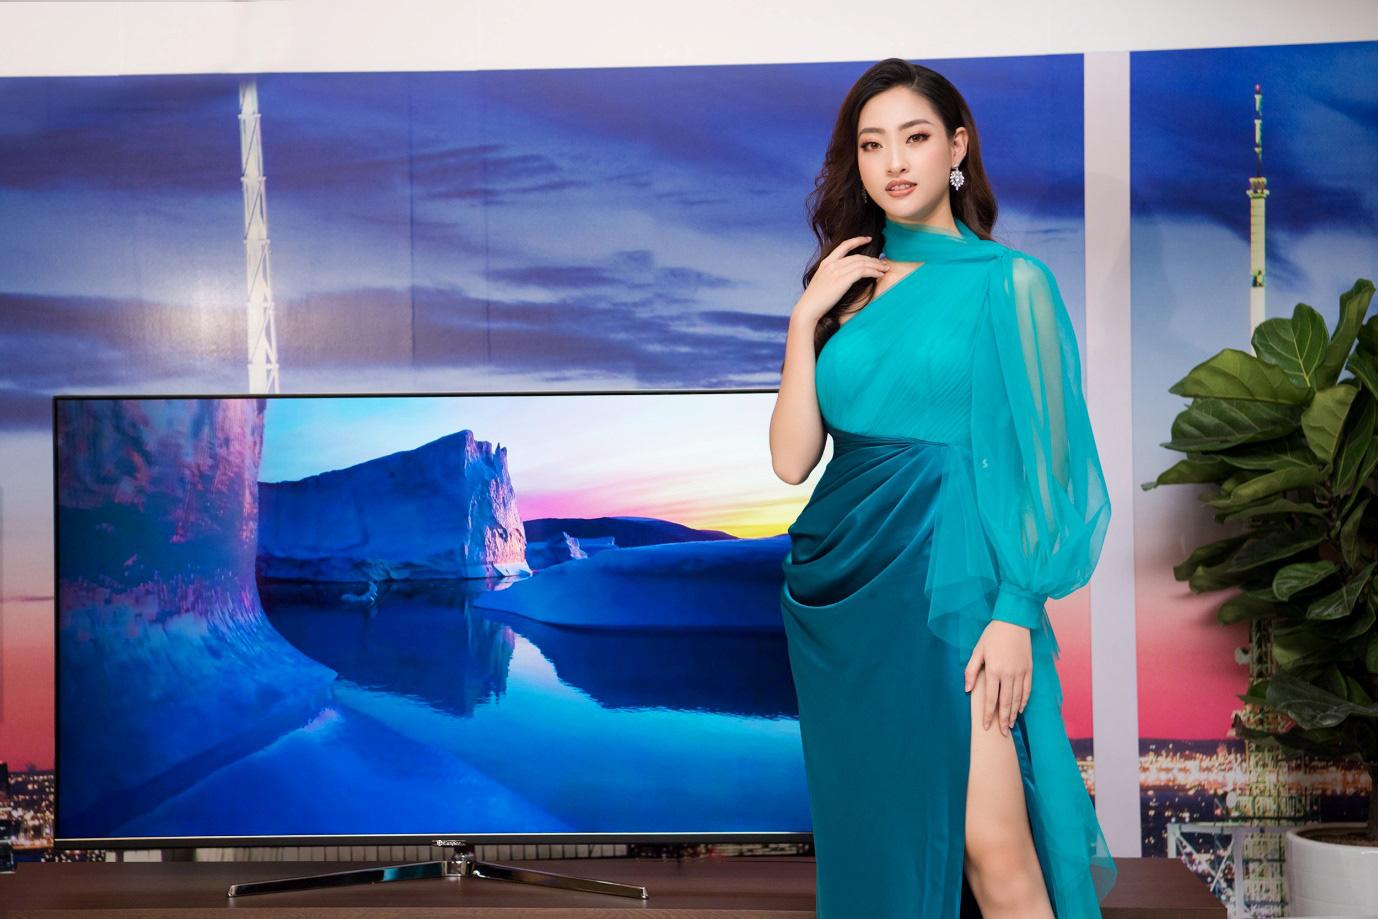 Miss World Việt Nam Lương Thùy Linh: Chúng ta không thể chọn vạch xuất phát nhưng đều có thể chạy đến cùng vạch đích - Ảnh 2.